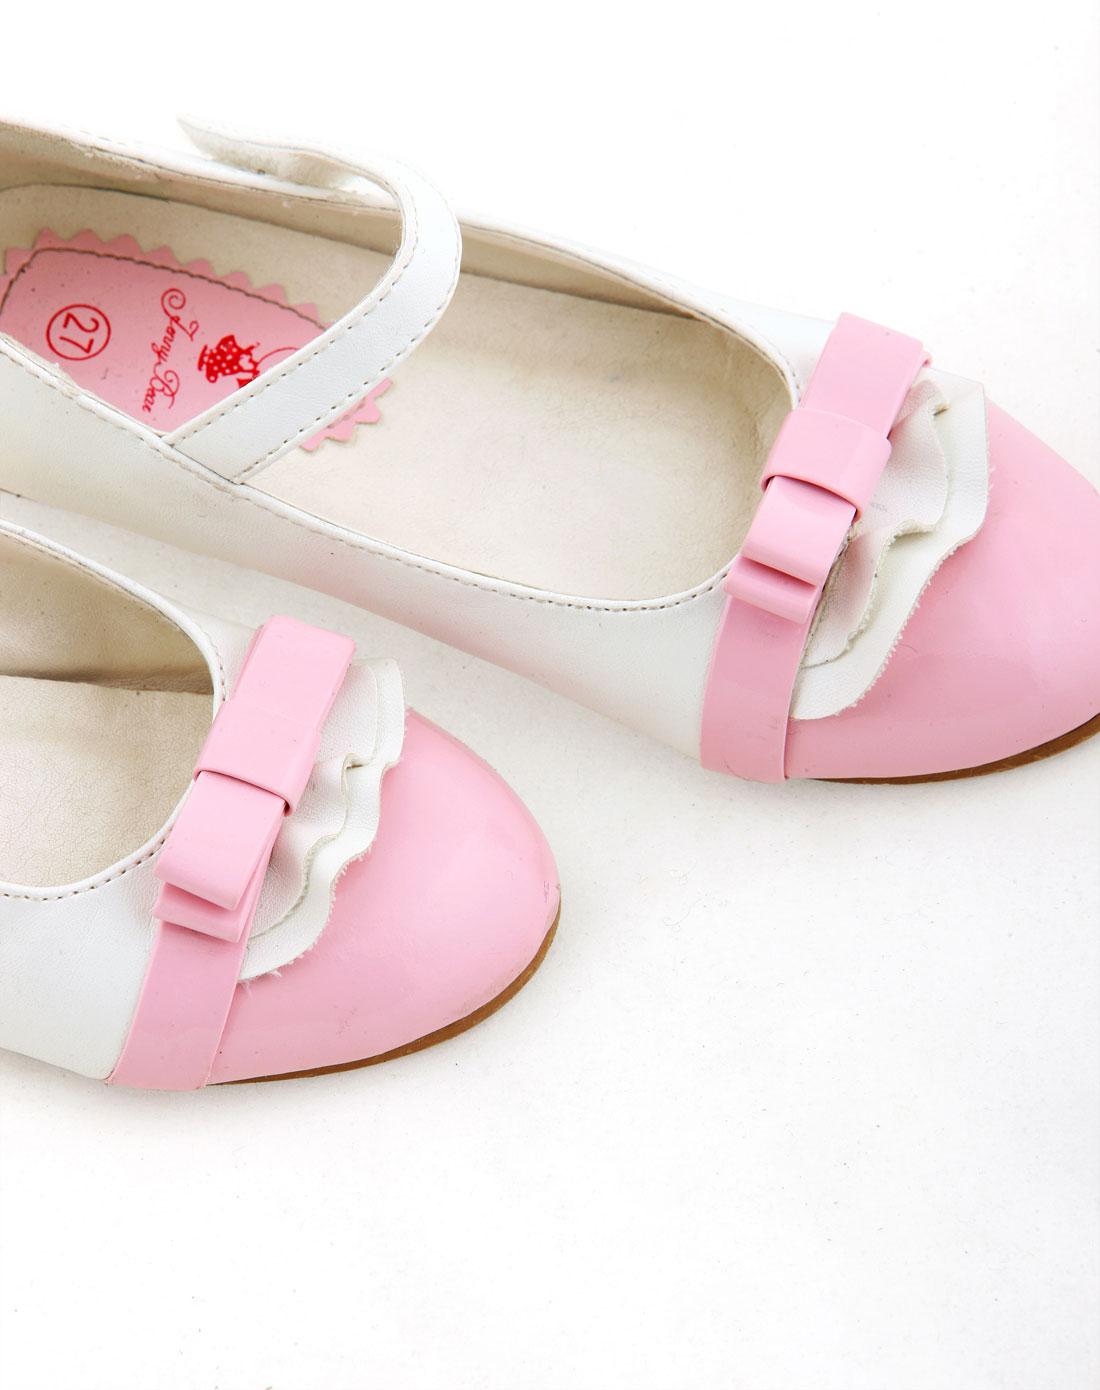 女童粉色可爱竹蜻蜓皮鞋